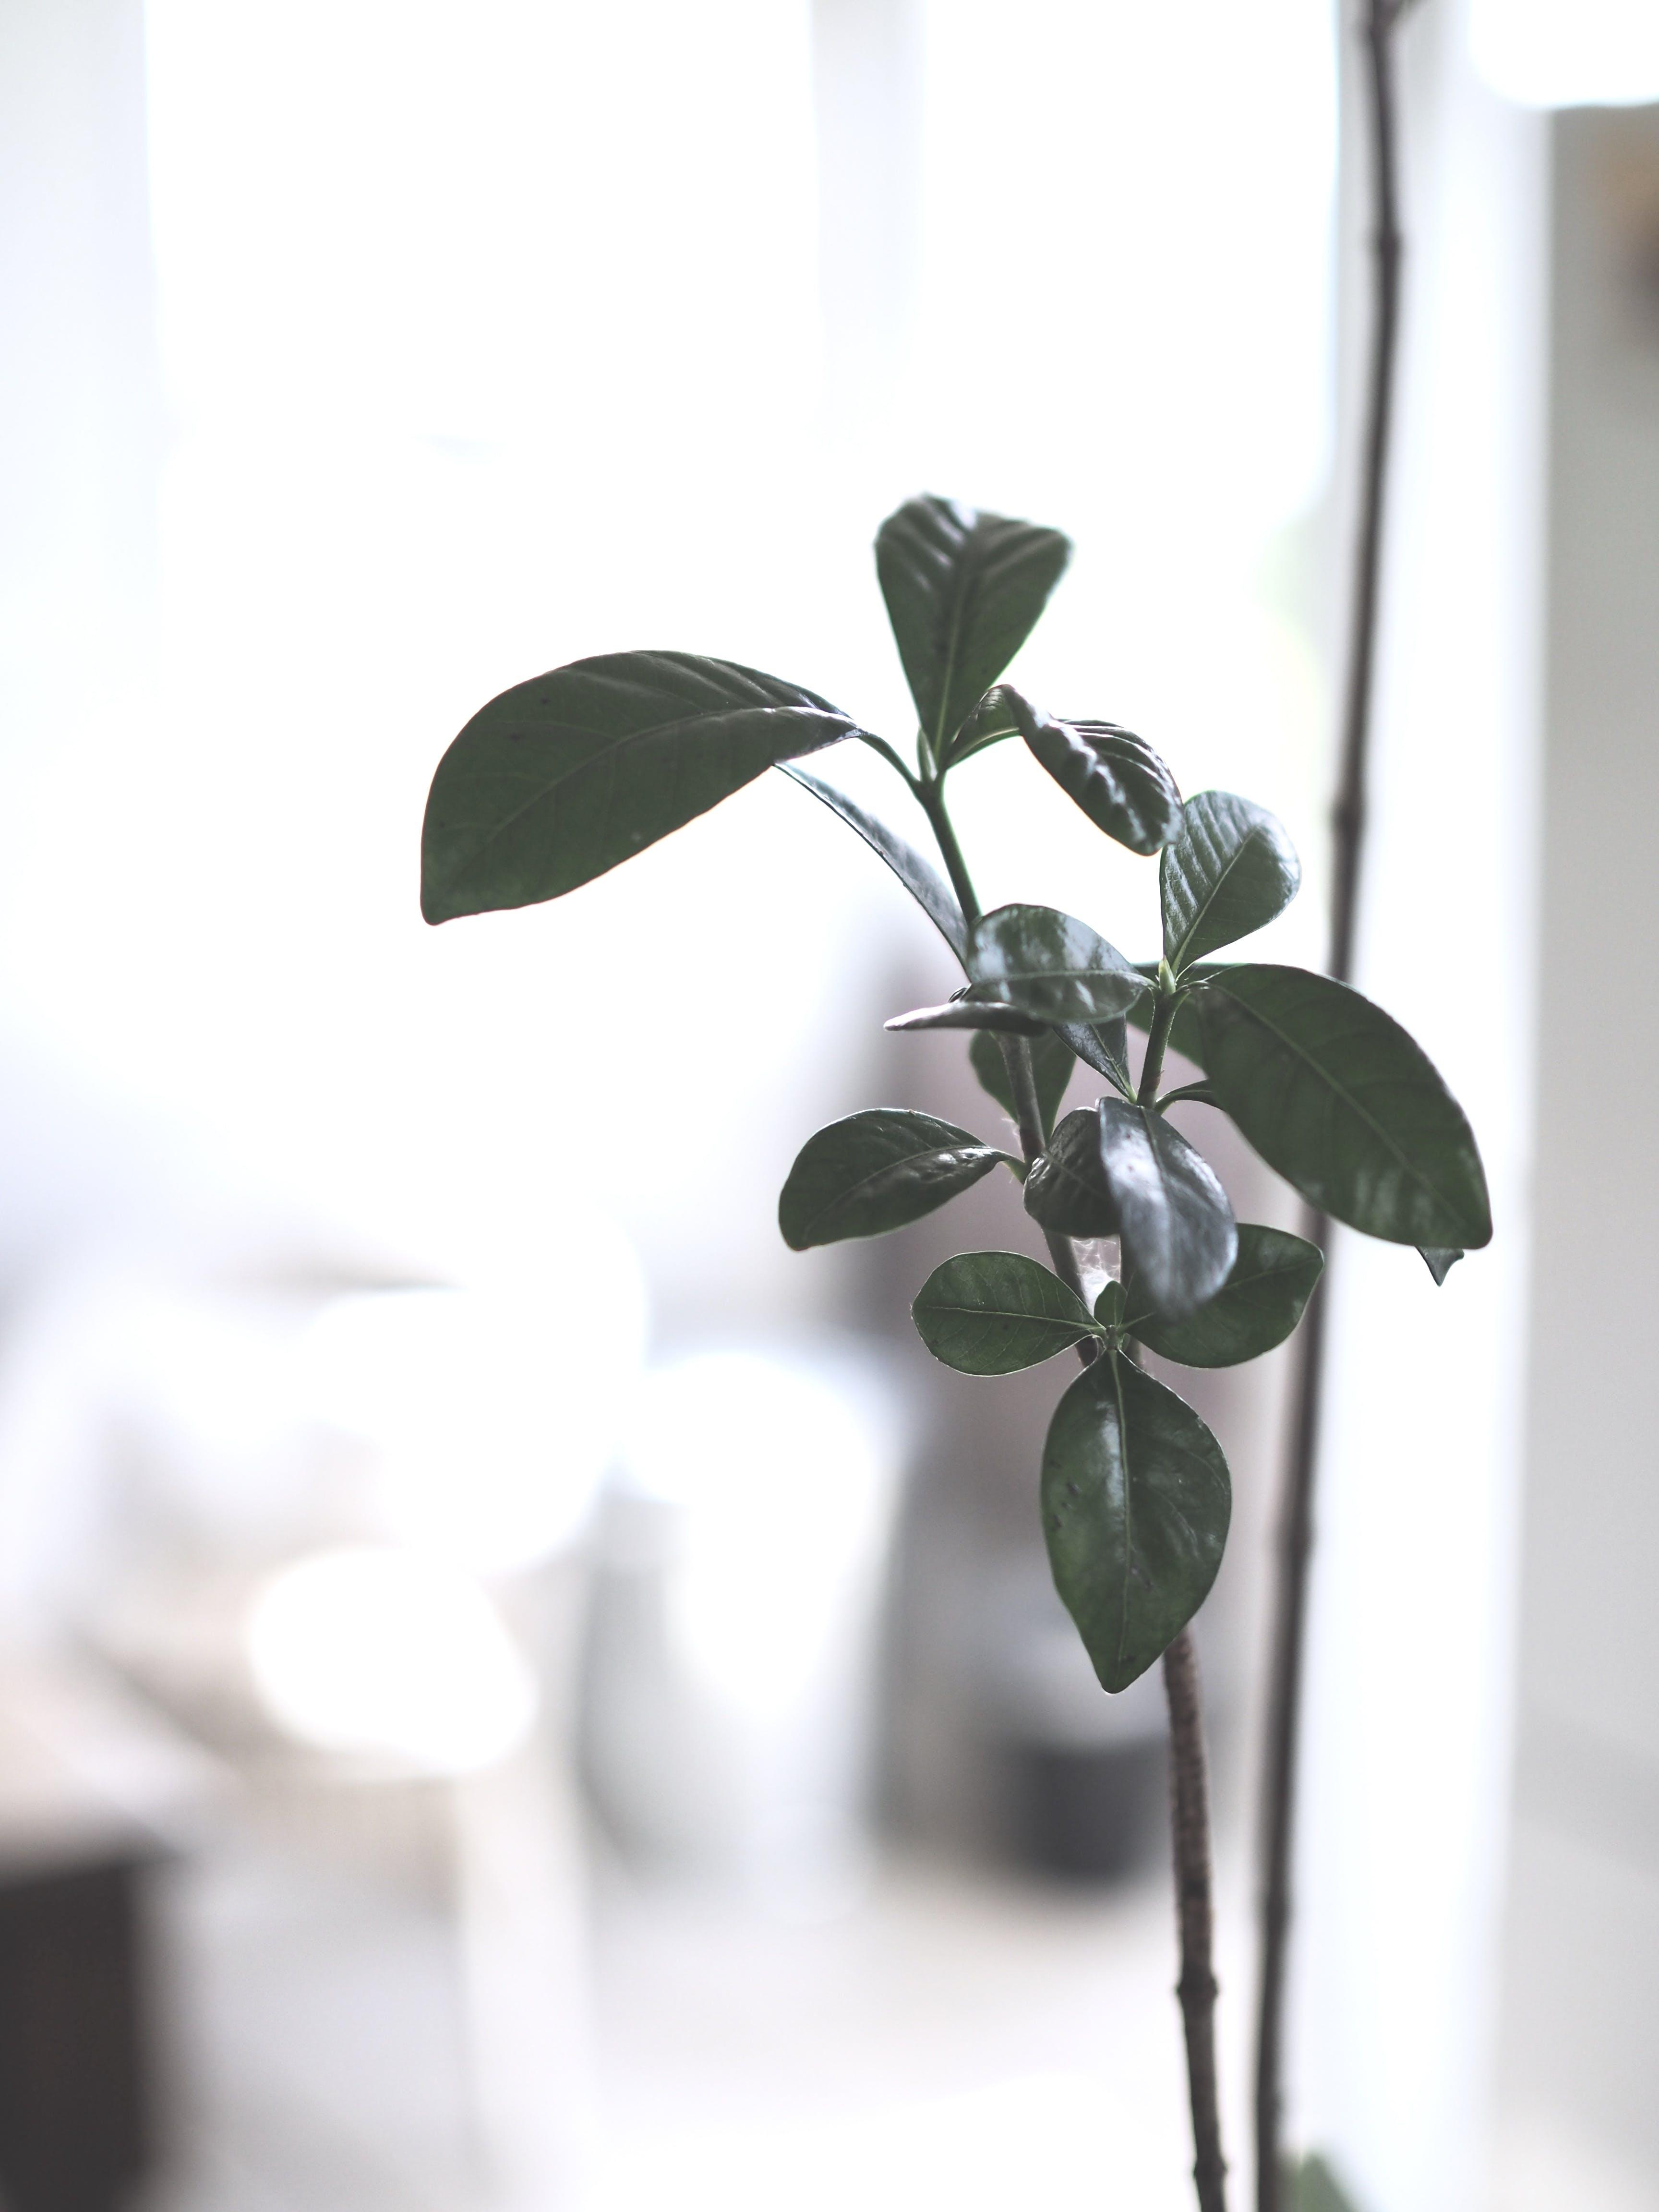 Kostnadsfri bild av friskhet, gren, grön, mognande